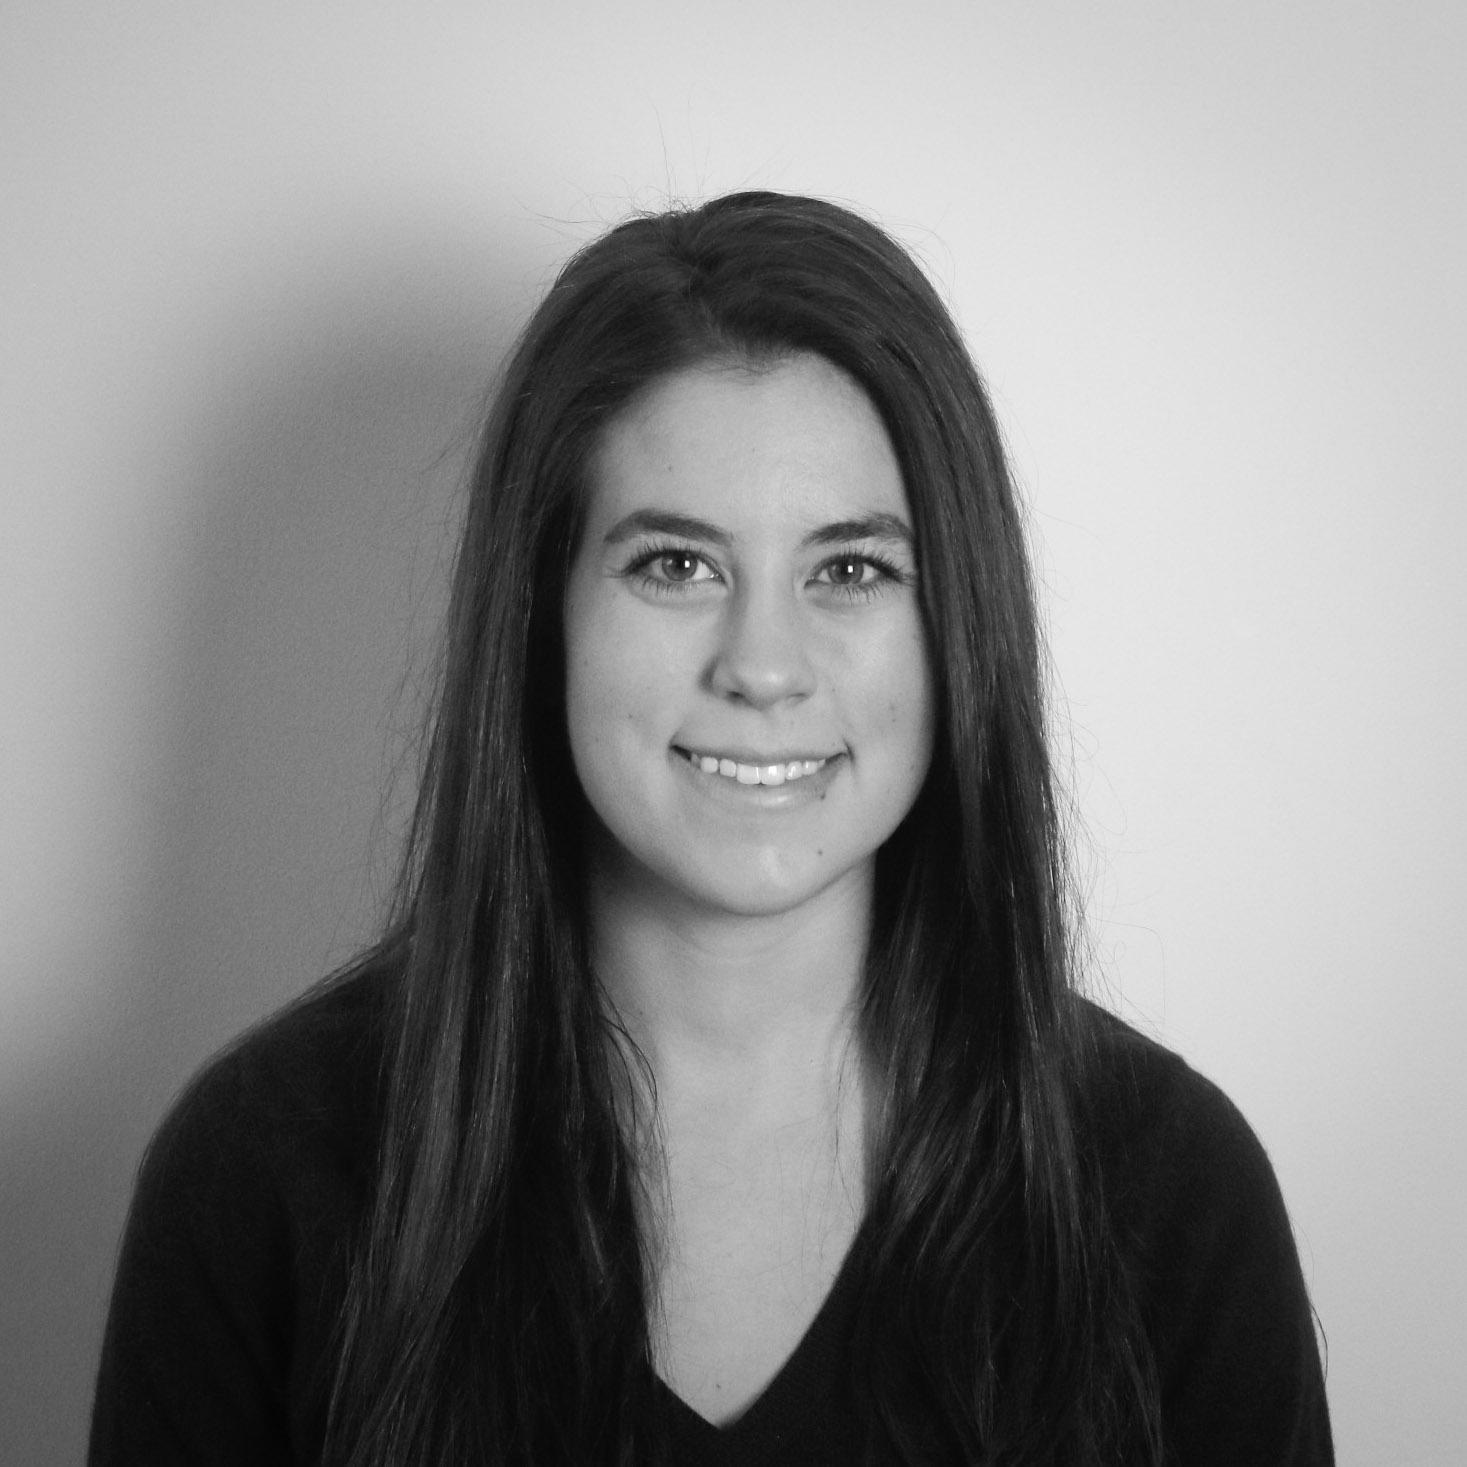 Meggie Gresham - Treasurer